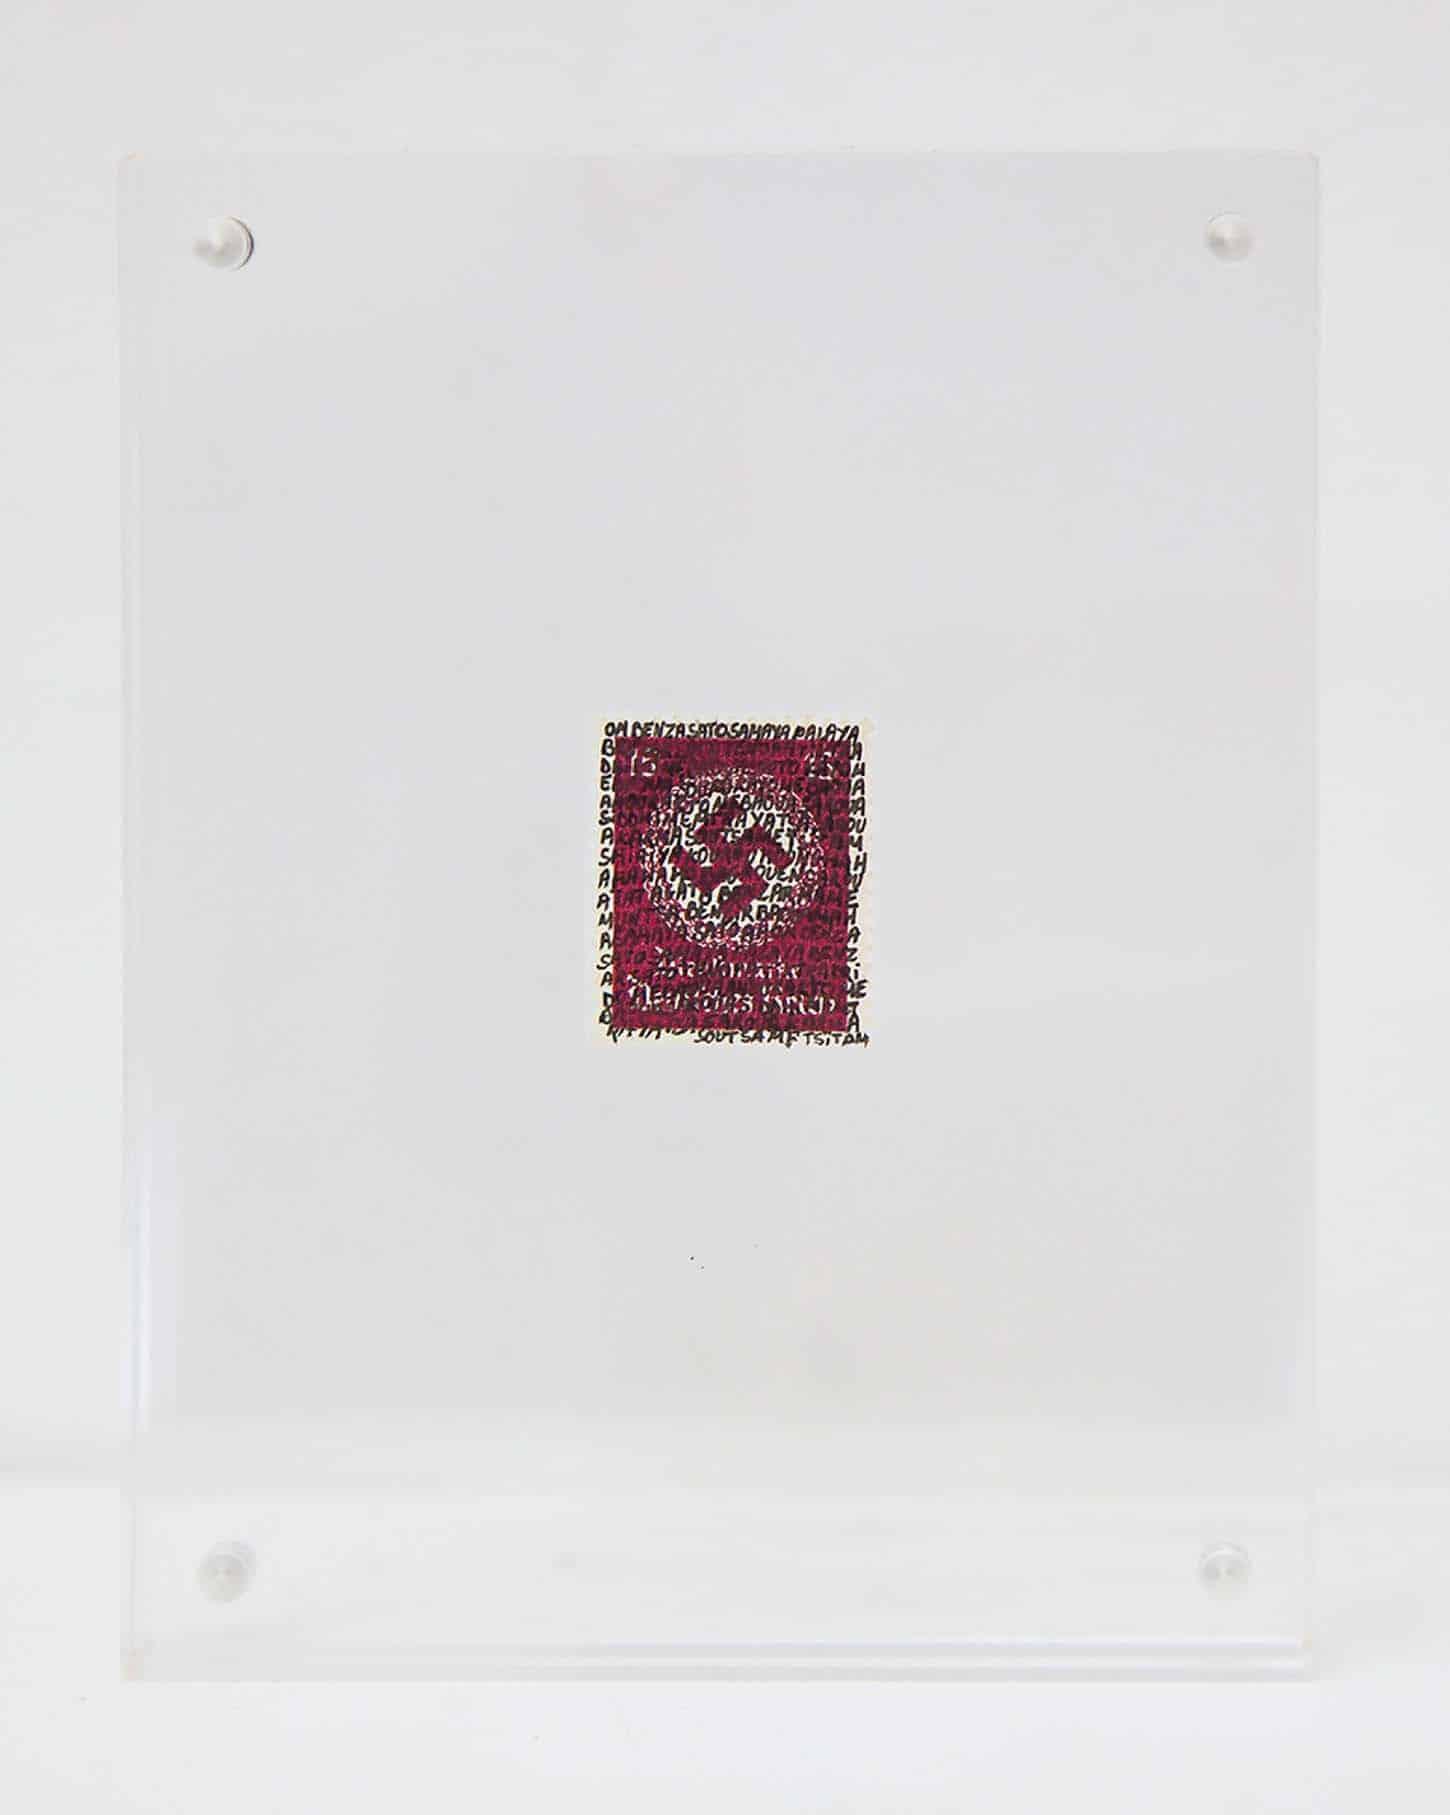 Léa le Bricomte Mantras série de timbres allemands WW2 recouvert du mantra tibétain aux 100 syllabes de Vajrasattva pour la purification. Cadres en plexi